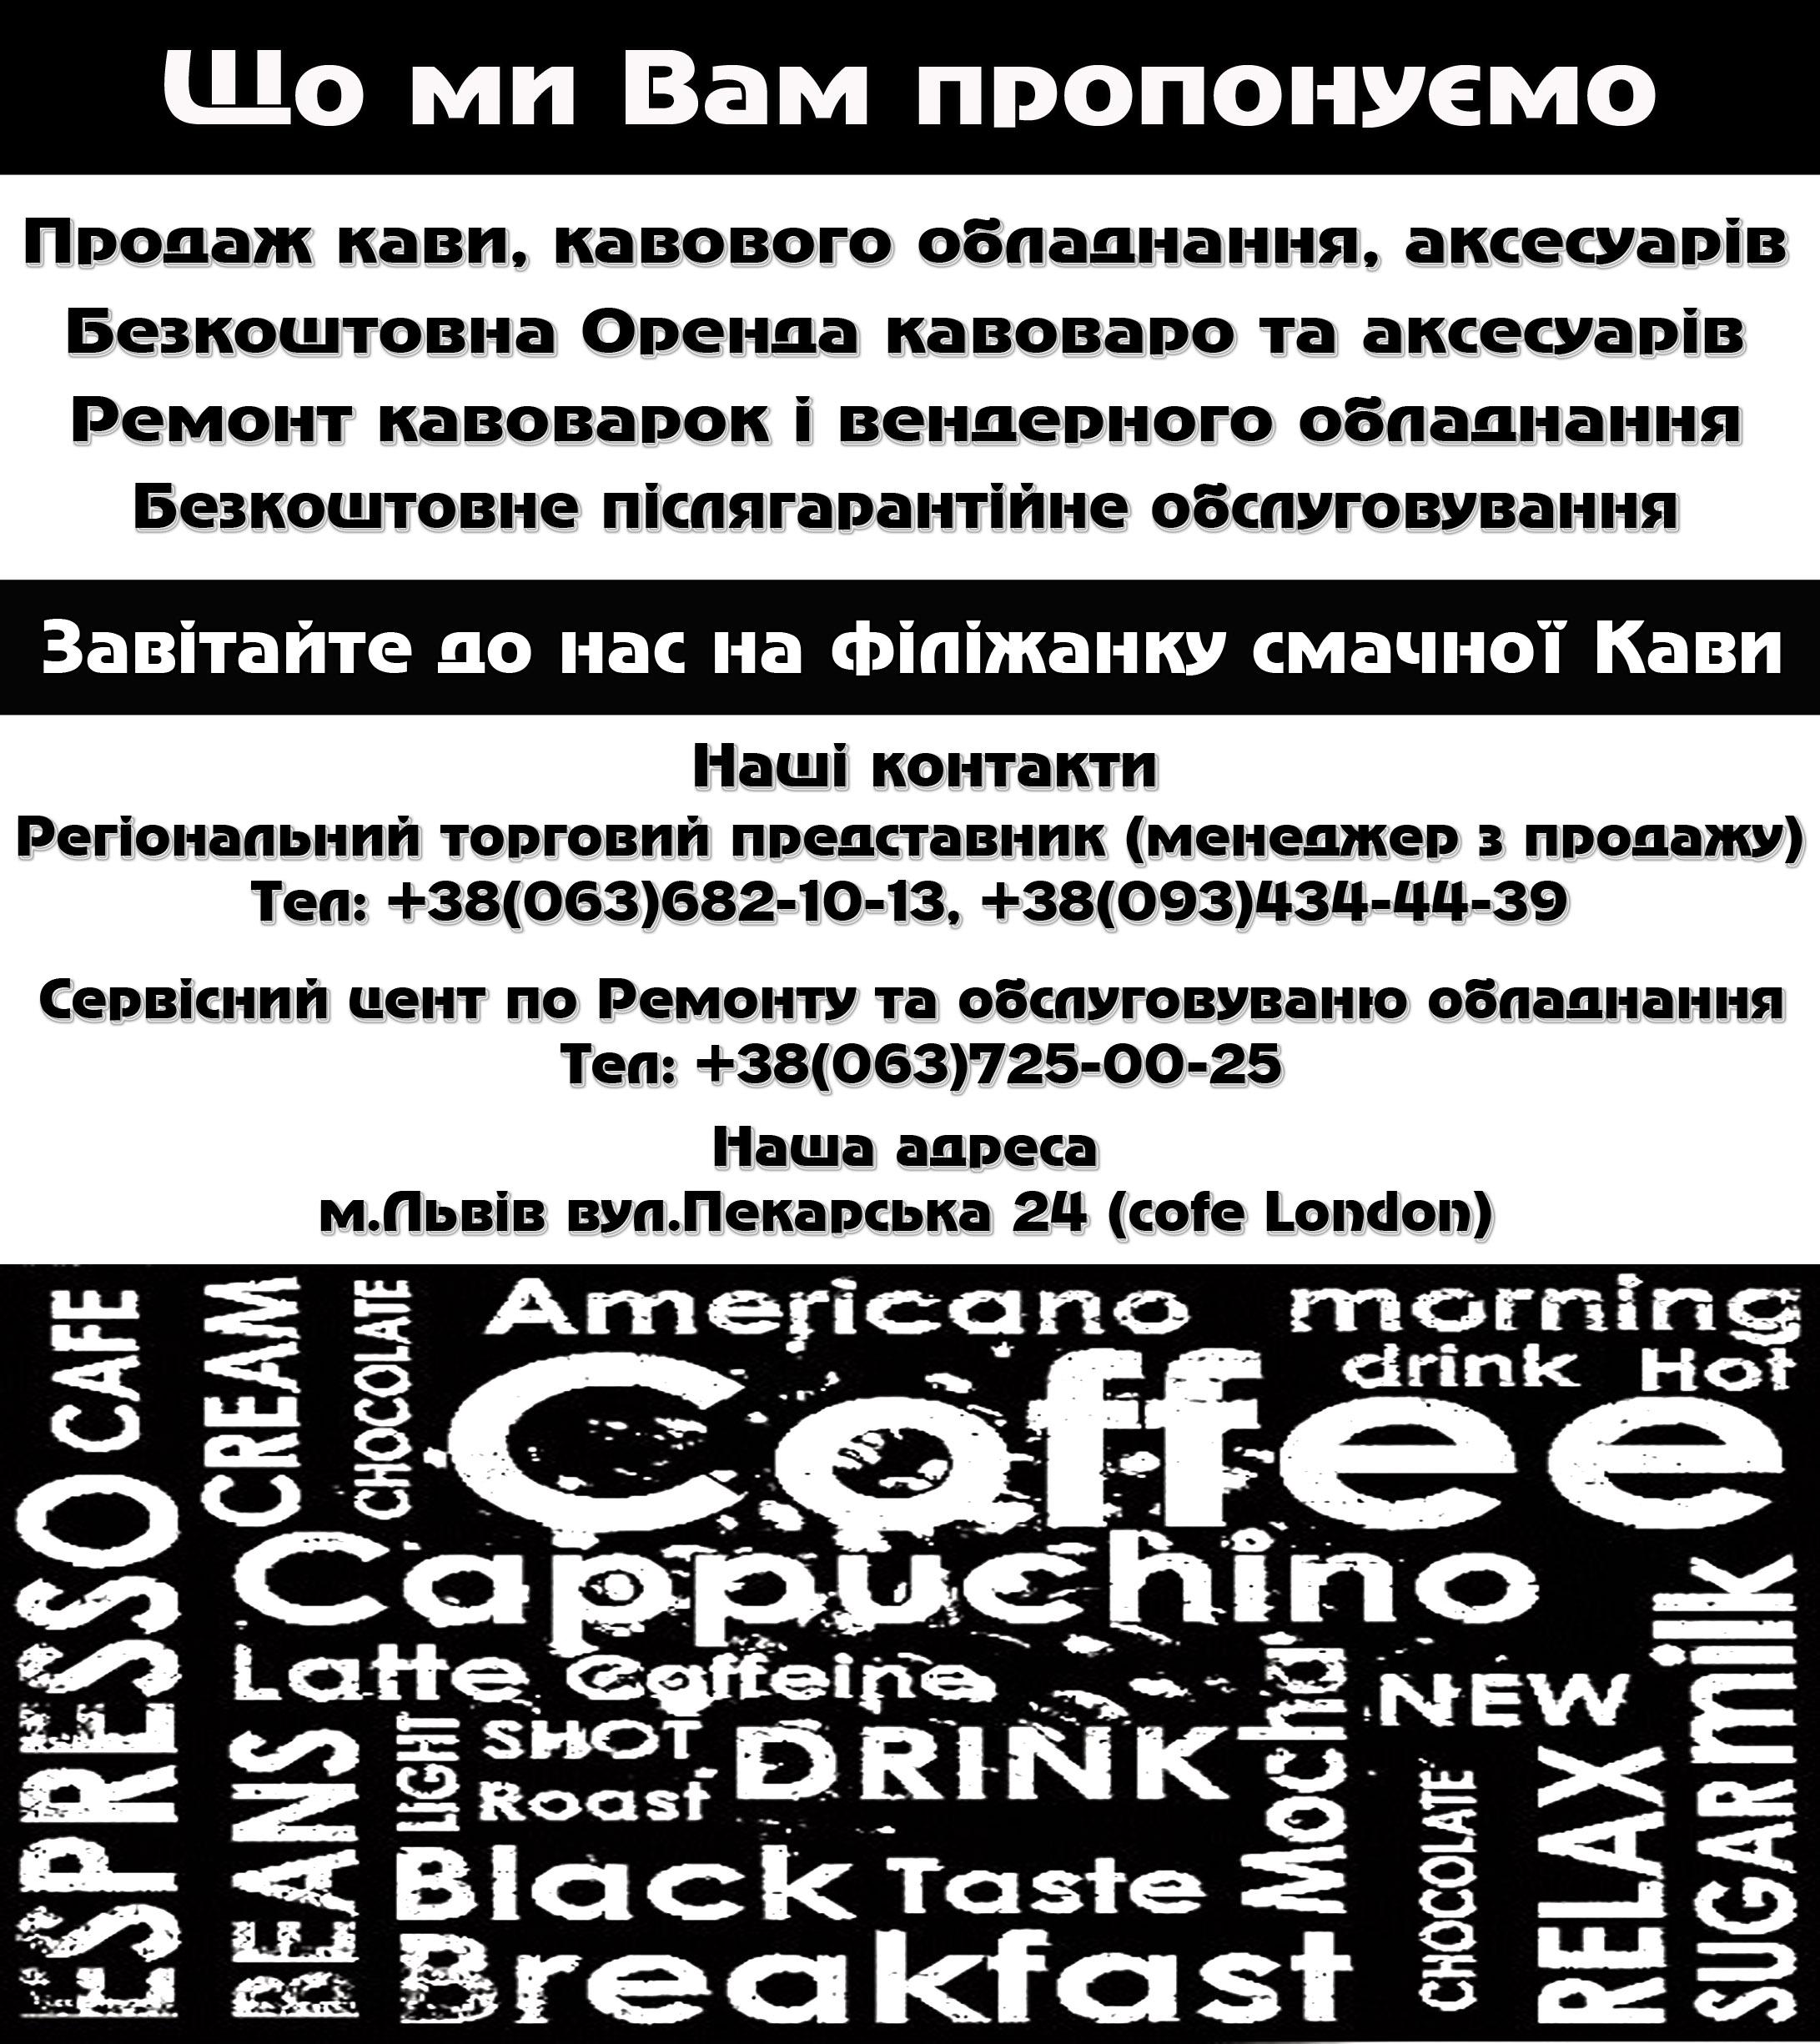 Ремонт кофеварок-эспрессо г.Львов...Бесплатное послегарантийное обслуживание... Только у нас можете найти и Купить Автоматические Кофеварки, Кофемашины эспрессо и Лучших кофеварок сезона, Купить Кофемашину из топа самих надежных и покупаемых кофемашин. Все кофеварки после сервисного обслуживания, выдается гарантия, и бесплатное посли гарантийное обслуживания по Украине. Цены на Б/У Кофемашины звоните к нам, говорите какую Кофеварку вам нужно для Дома или Офиса, если ви хотите Кофемашину для Ресторана или Кофейни сможем подобрать Кофеварку по параметру, Даже если у нас нету в наличии Кофемашины которую вы хотите, Оставите Заявку, и на Протяжении 8 рабочих дней мы Подготовим Нужную Кофемашину. -Вам нужен Ремонт Кофемашины, звоните, Наш Инженер готов всегда помочь Отремонтировать вашу Любимую кофеварку. -Если у Вас Корпоратив или просто Вечеринка и вы хотите Кофемашину, мы можем помочь вам... Своей услугой (Посуточная Аренда Кофеварок) Сдать в Аренду одну из самых надежных Кофемашин еспресо, чтобы ваши Друзья Наслаждались свежесваренным кофе, Эспрессо, Американо, Капучино это всё может сделать наша эспрессо Кофеварку. -Даже если Вы не хотите Покупать Кофемашину, И Вам Не нужна Кофеварка Еспресо, Вы Просто хотите Выпить чашечку ароматного, крепкого Кофе, Еспрессо, Американо, Капучино, Лате с разными вкусами, у нас в кофейни вы можете Насладится нашим кофе сиропами такими как Гренадин, Амаретто, Карамель, Корица, Корица, Шоколад, Ваниль, Лесной орех, много Других вкусов и ощущения от нашего Кофе -Если будете проезжать мимо города Львова, Заходите к нам на чашечку кофе, Каждая 9 чашка Бесплатно, Адрес г.Львов ул. Пекарская 24. Кaфе Лондон... Мы поможем Вам, Купить Автоматических кофемашину и кофеварку Самою Надежною и Простую в пользовании для приготовления ристретто, Еспрессо, Американо, Капучино, Лате, Макиято... Цены на Новые кофемашины Филипс Саеко, а так же описания, характеристики, отзывы Цены на Б/У Кофемашины Кофемашина Saeco Incanto Siriusl SBS Redesigned New Цен